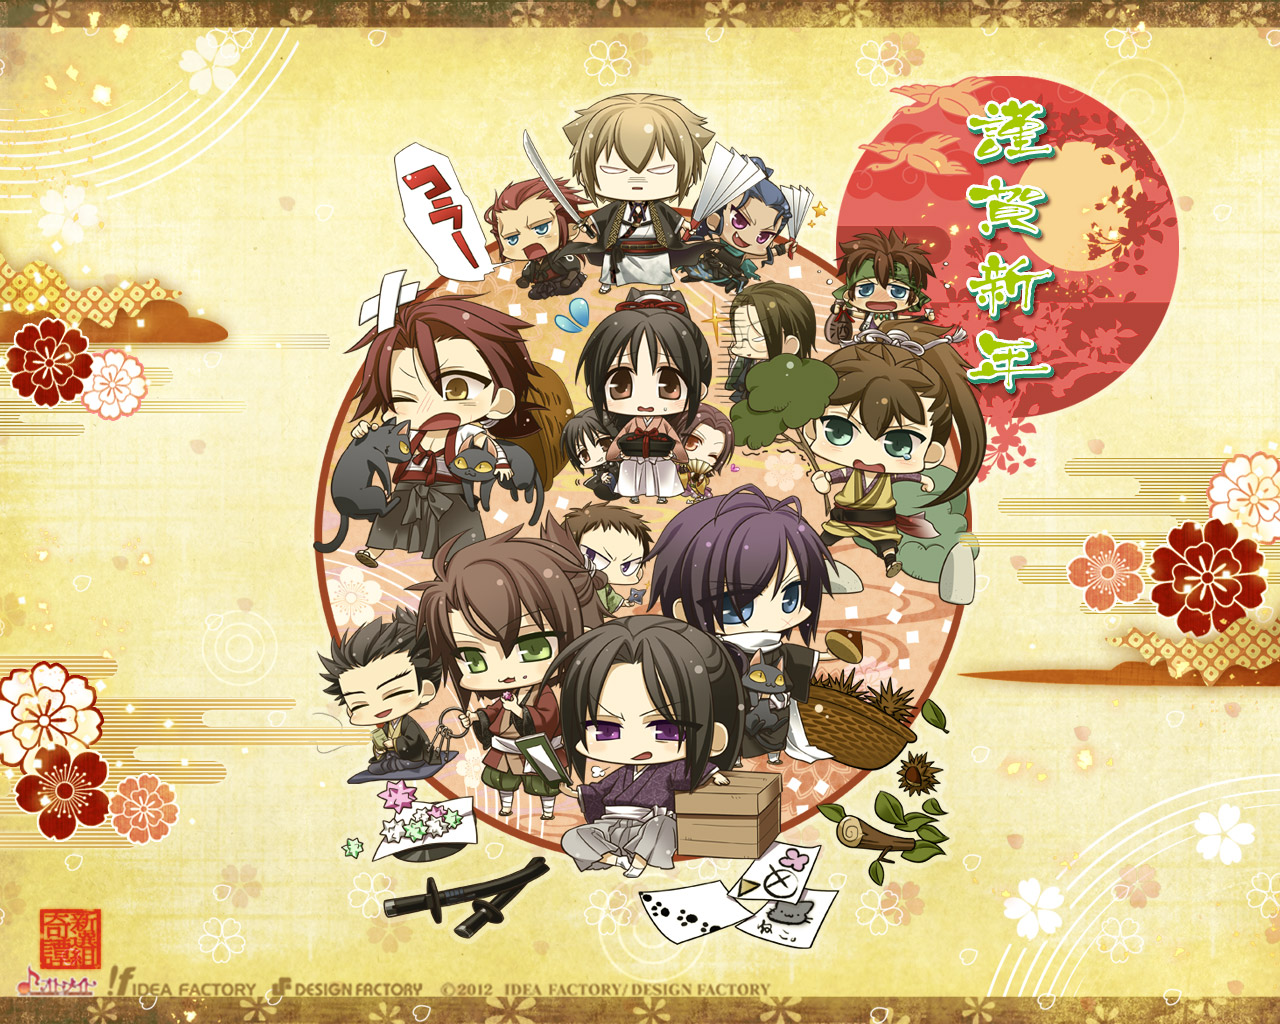 -http://static.zerochan.net/Hakuouki.Shinsengumi.Kitan.full.1383126.jpg